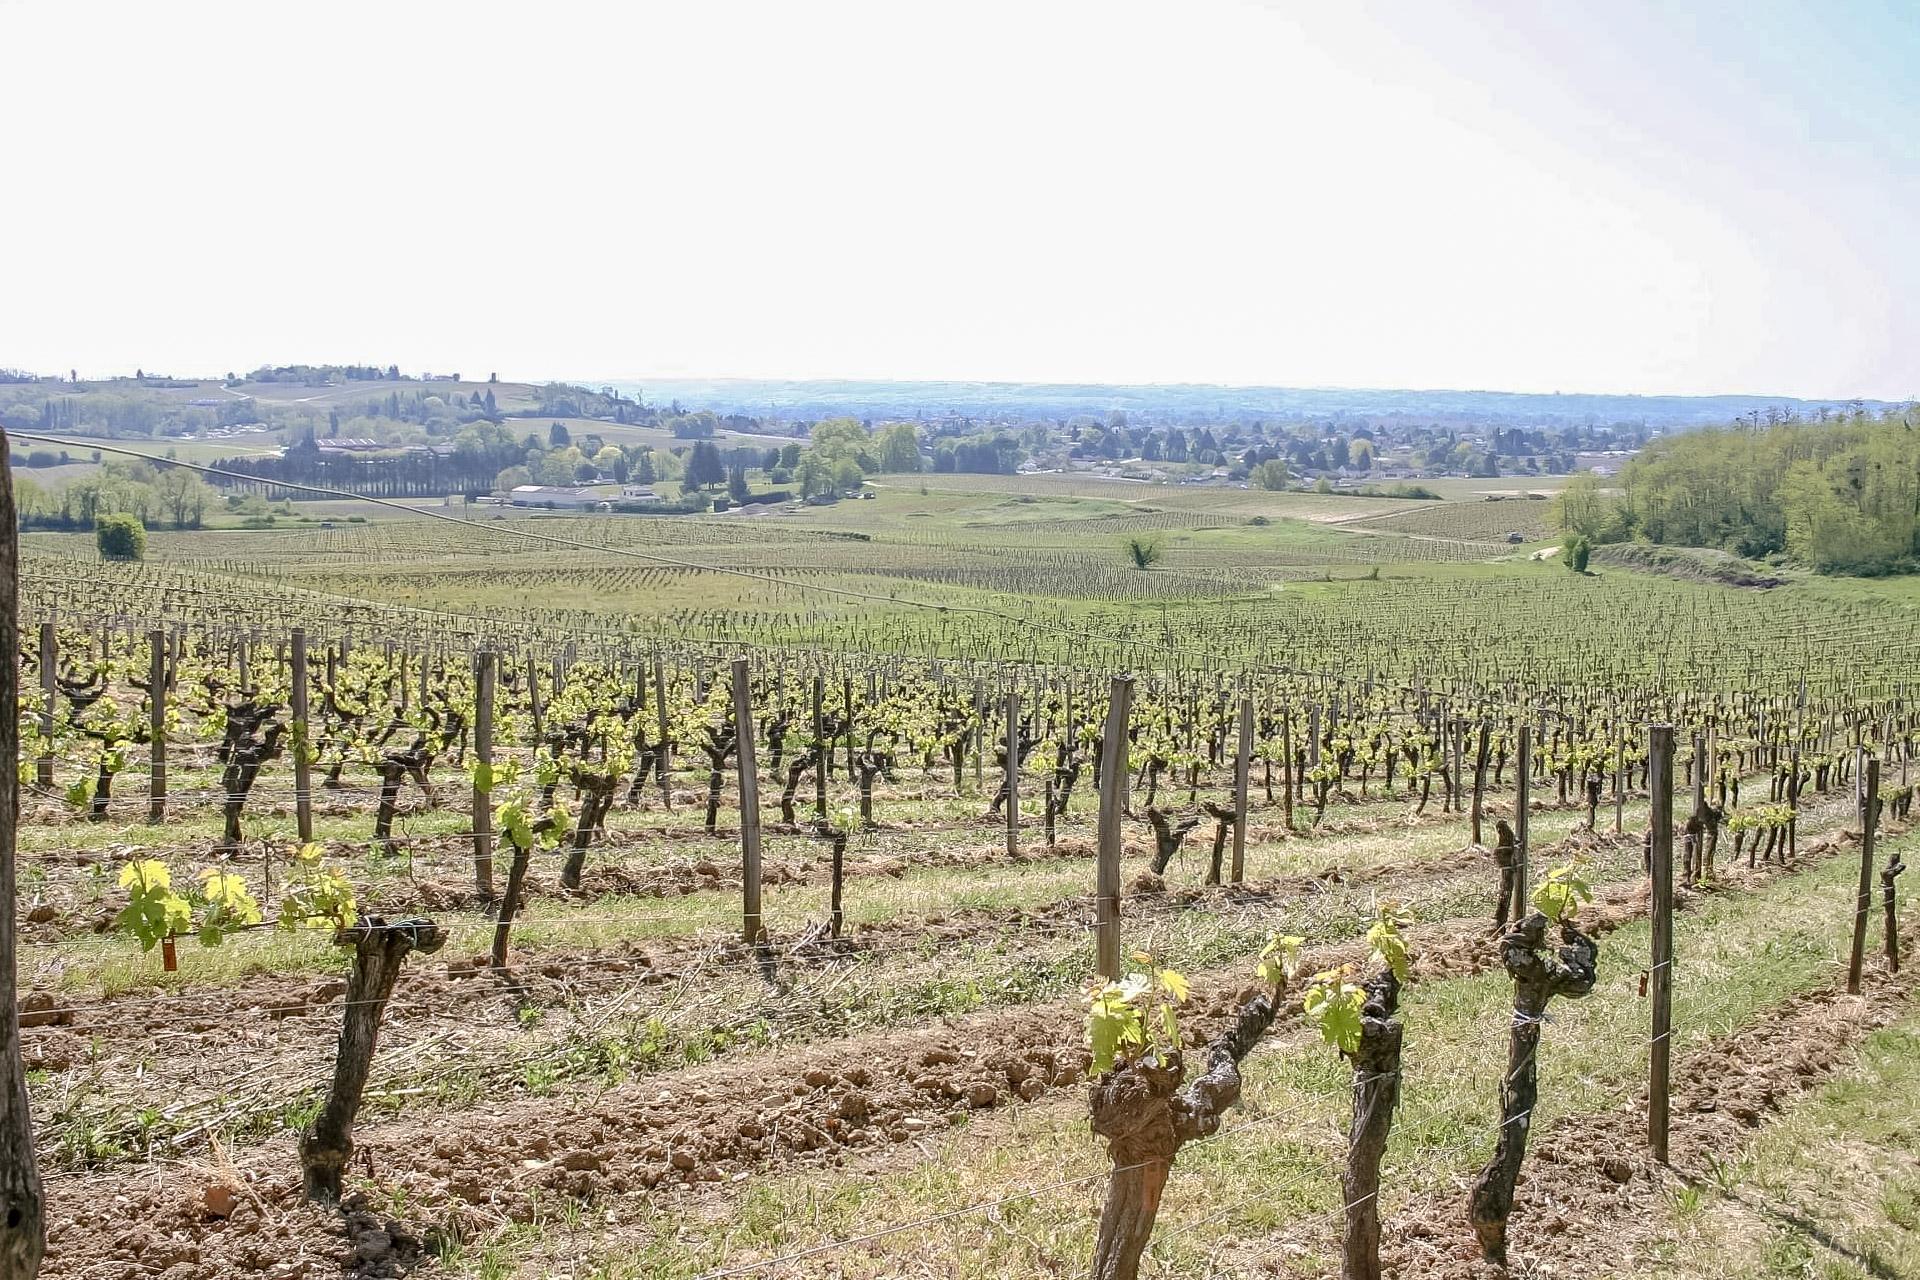 Vignes_paysage_St-Magne-de-Castillon_OTCP_M-Sauvanet_2021